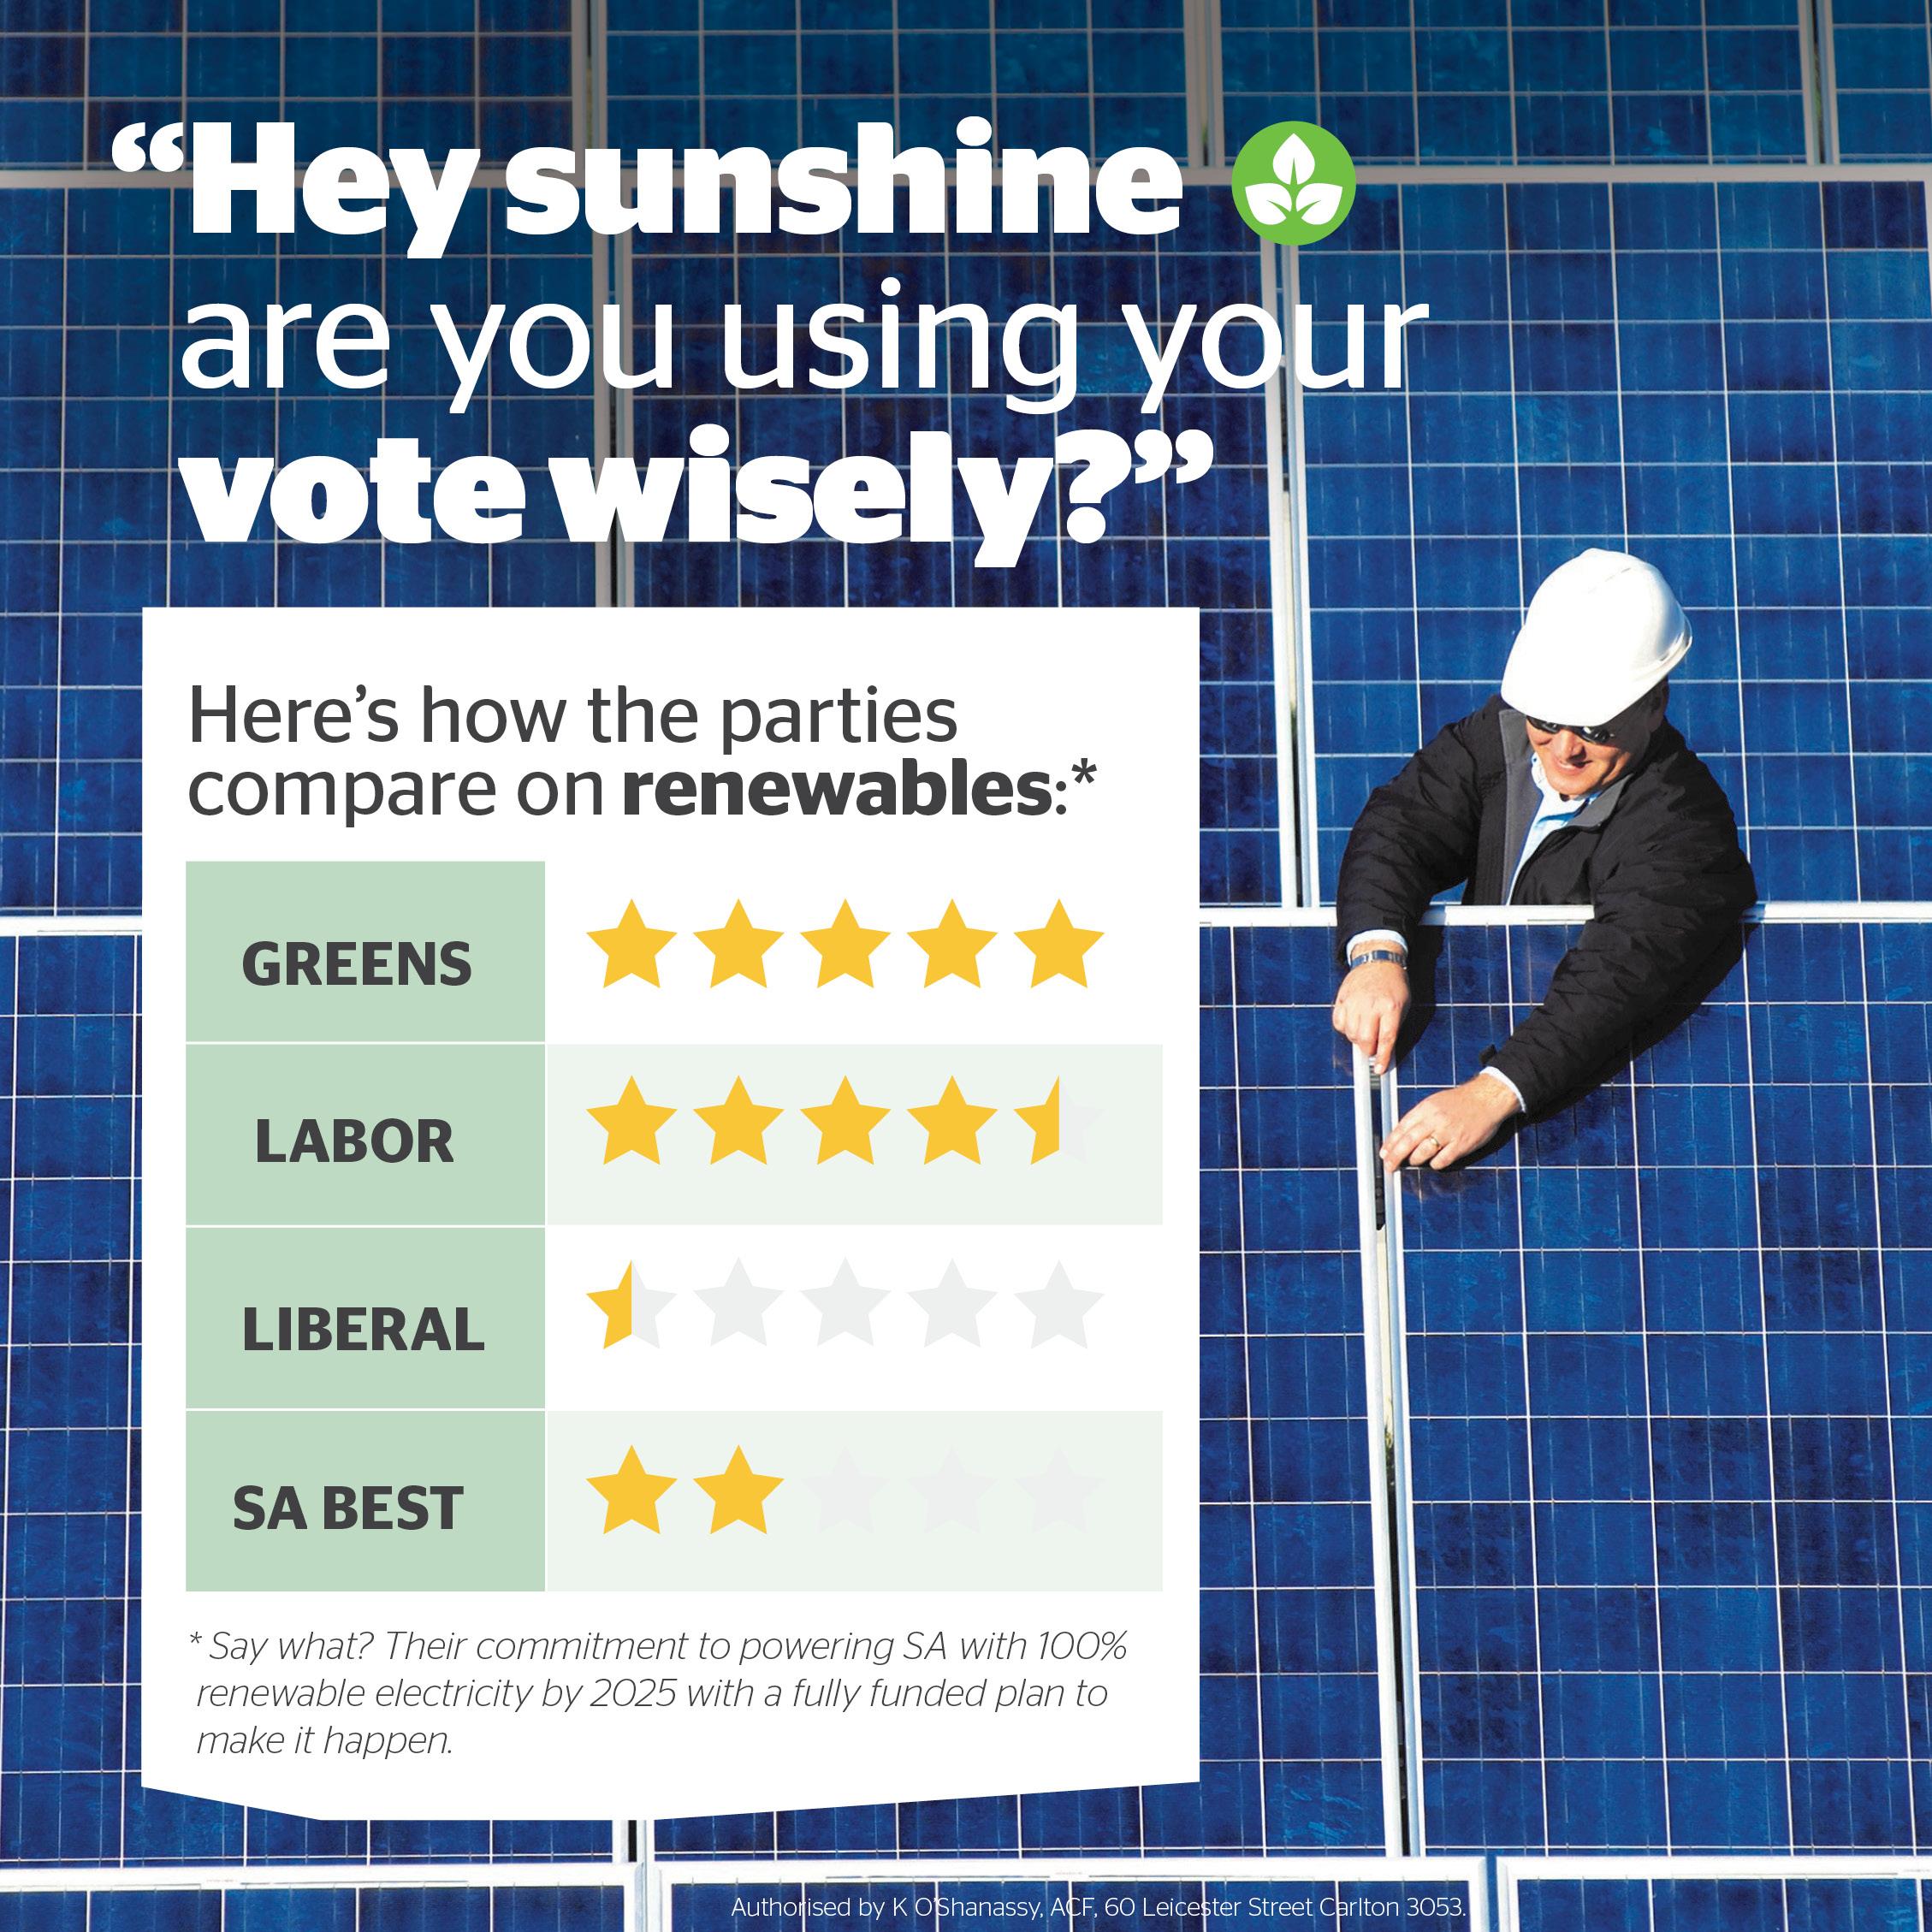 SA_scorecard_sharer_renewables.jpg